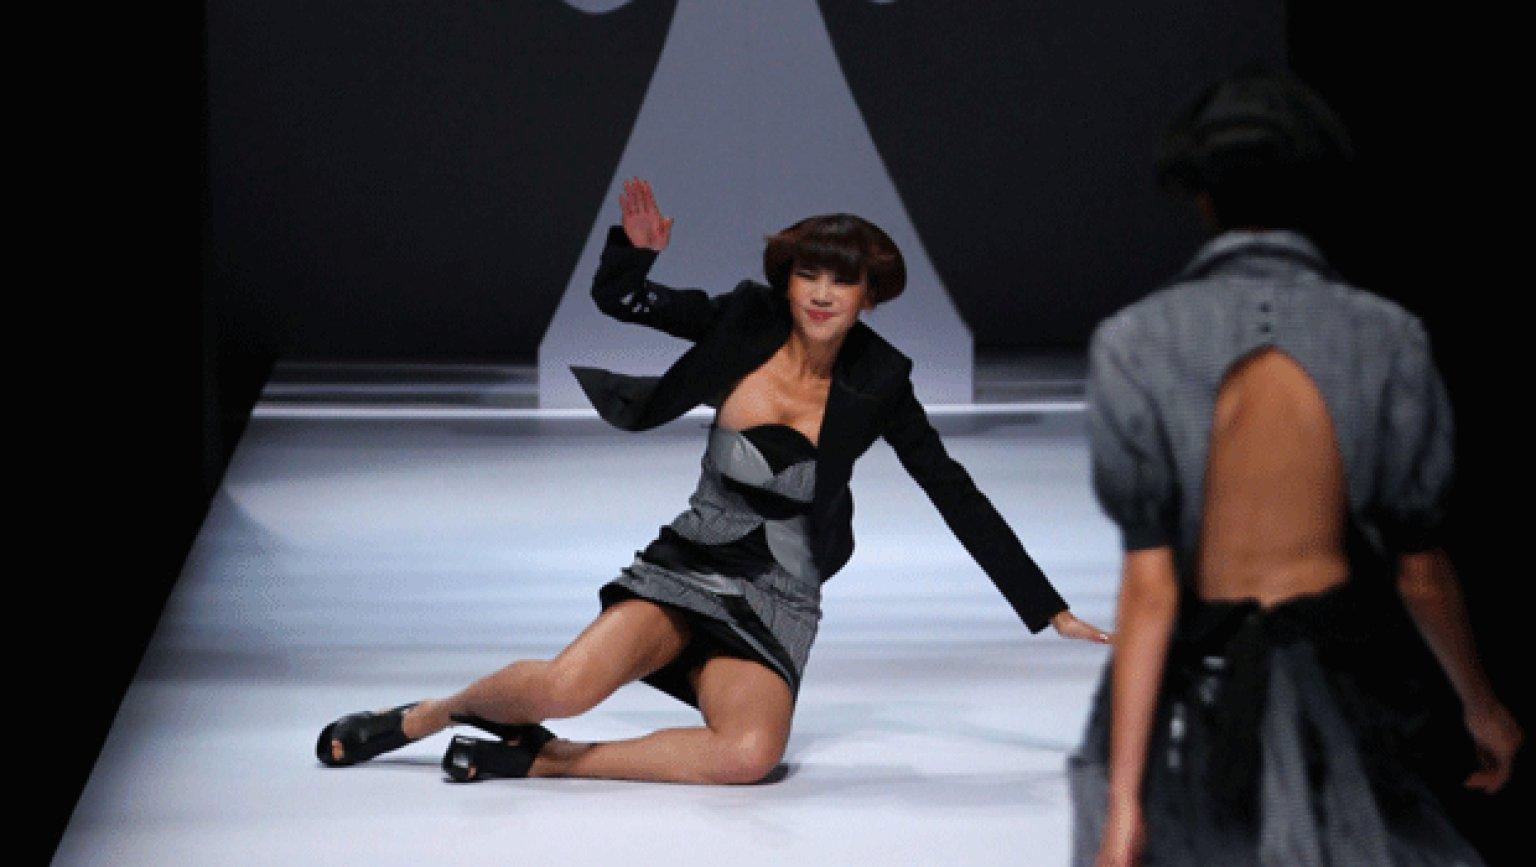 【悲 報】モデルまんさん、ショーで見事なパンチラを披露するwwwwwwwwwwwwwww(画像あり)・10枚目